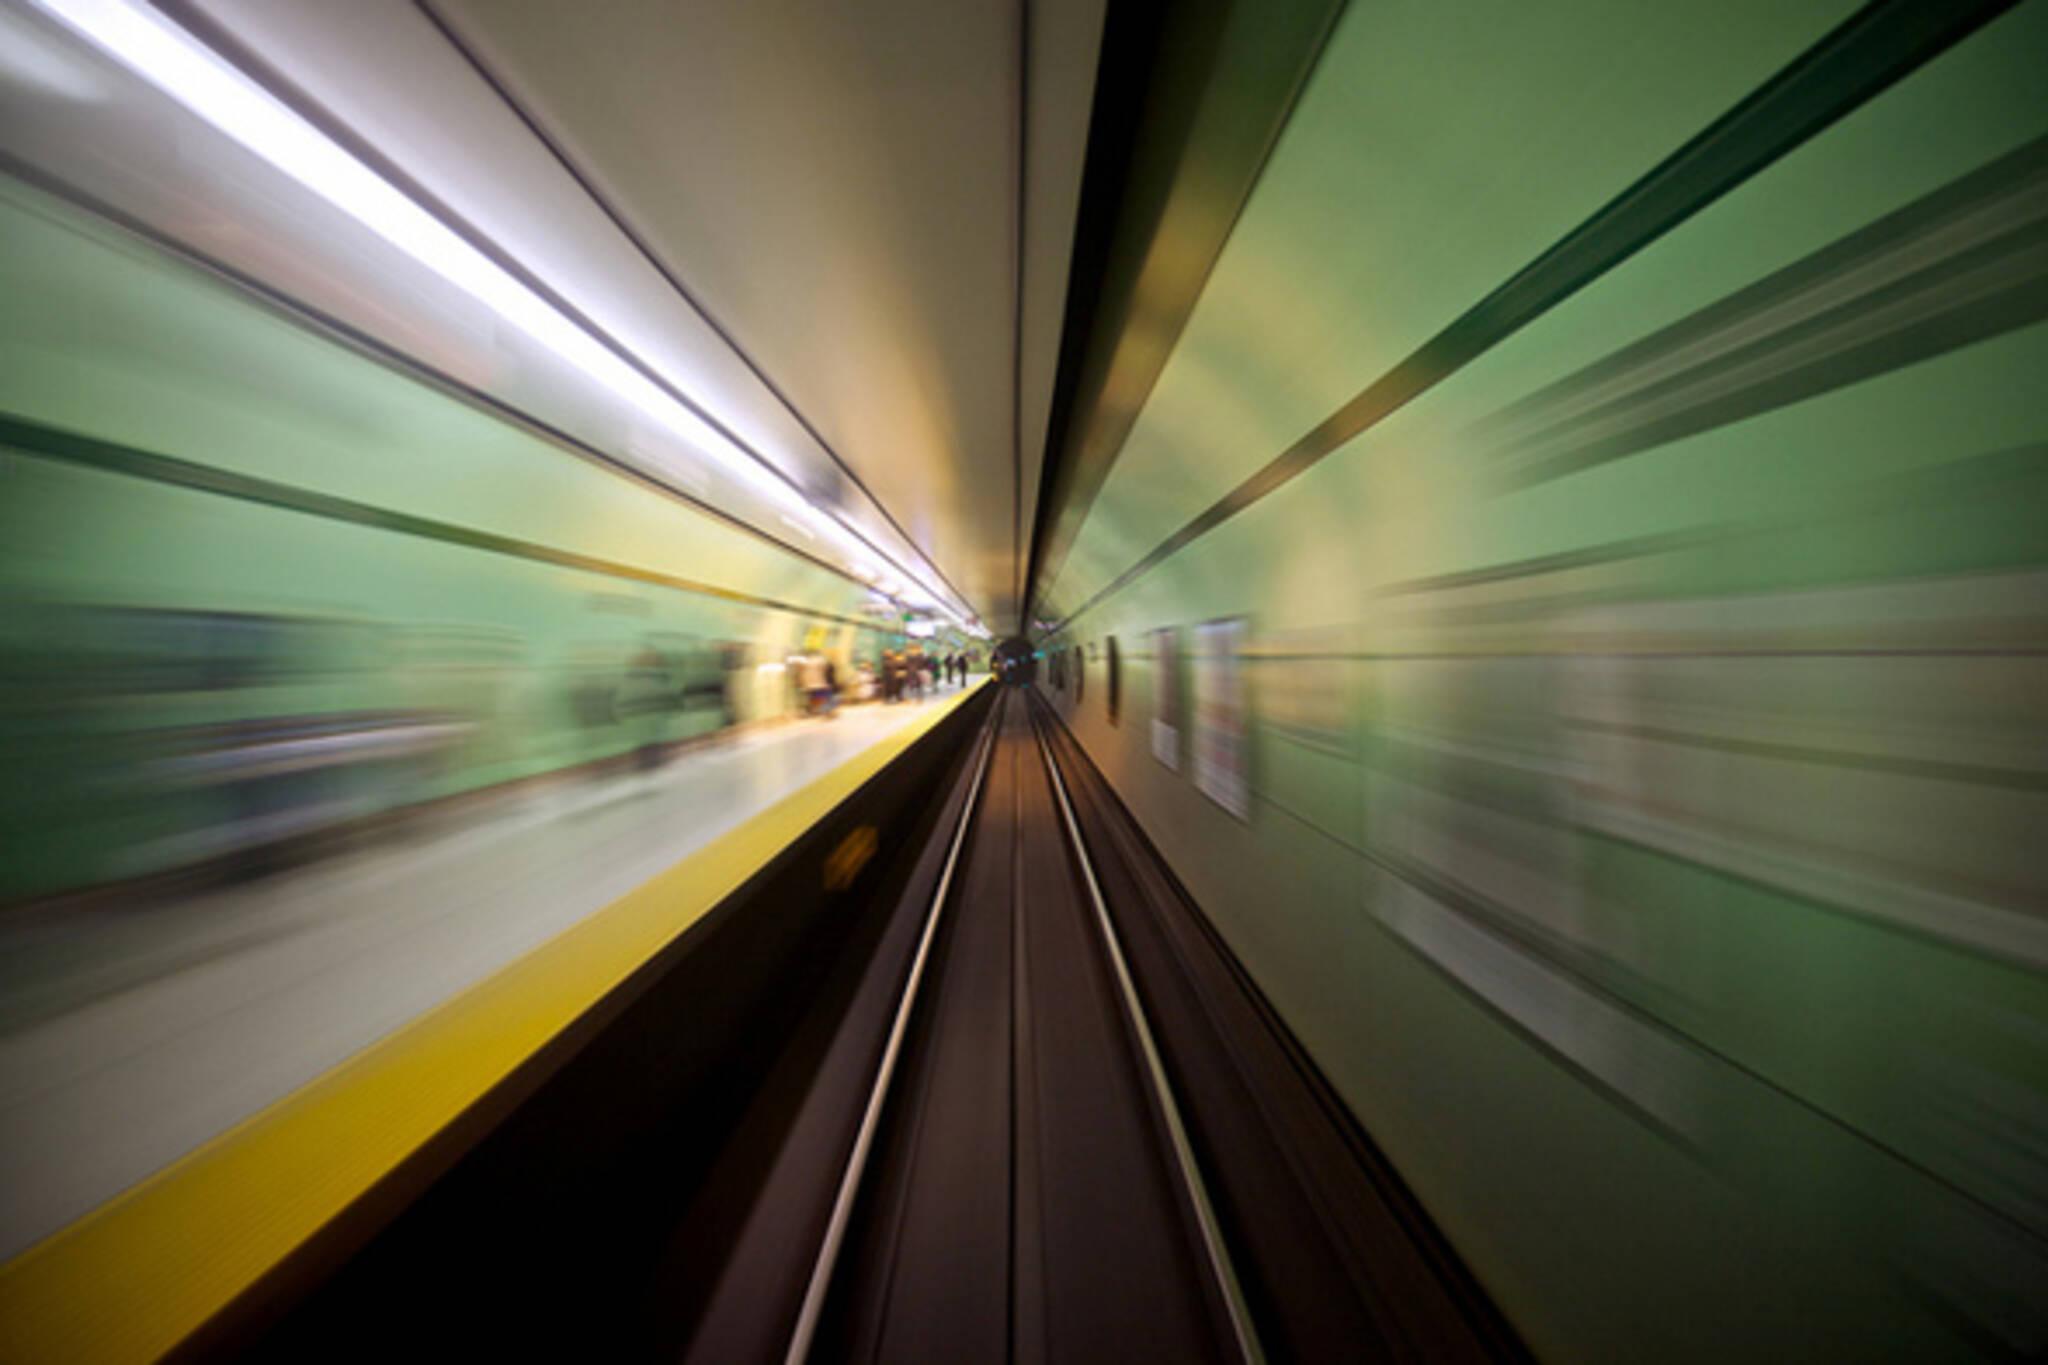 St. Patrick Station TTC